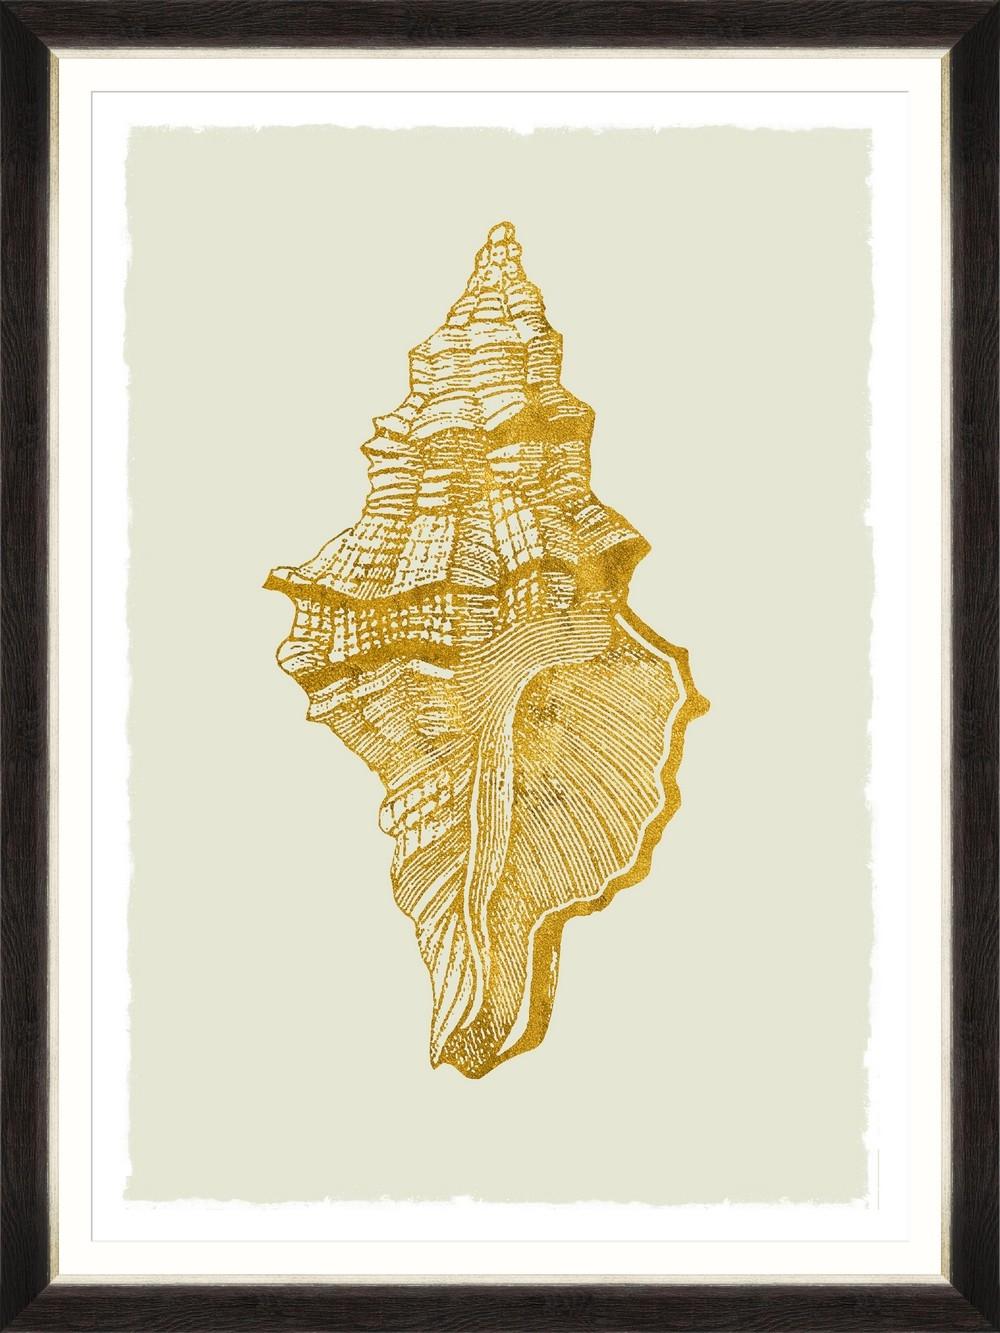 Tablou Framed Art Golden Seashell I